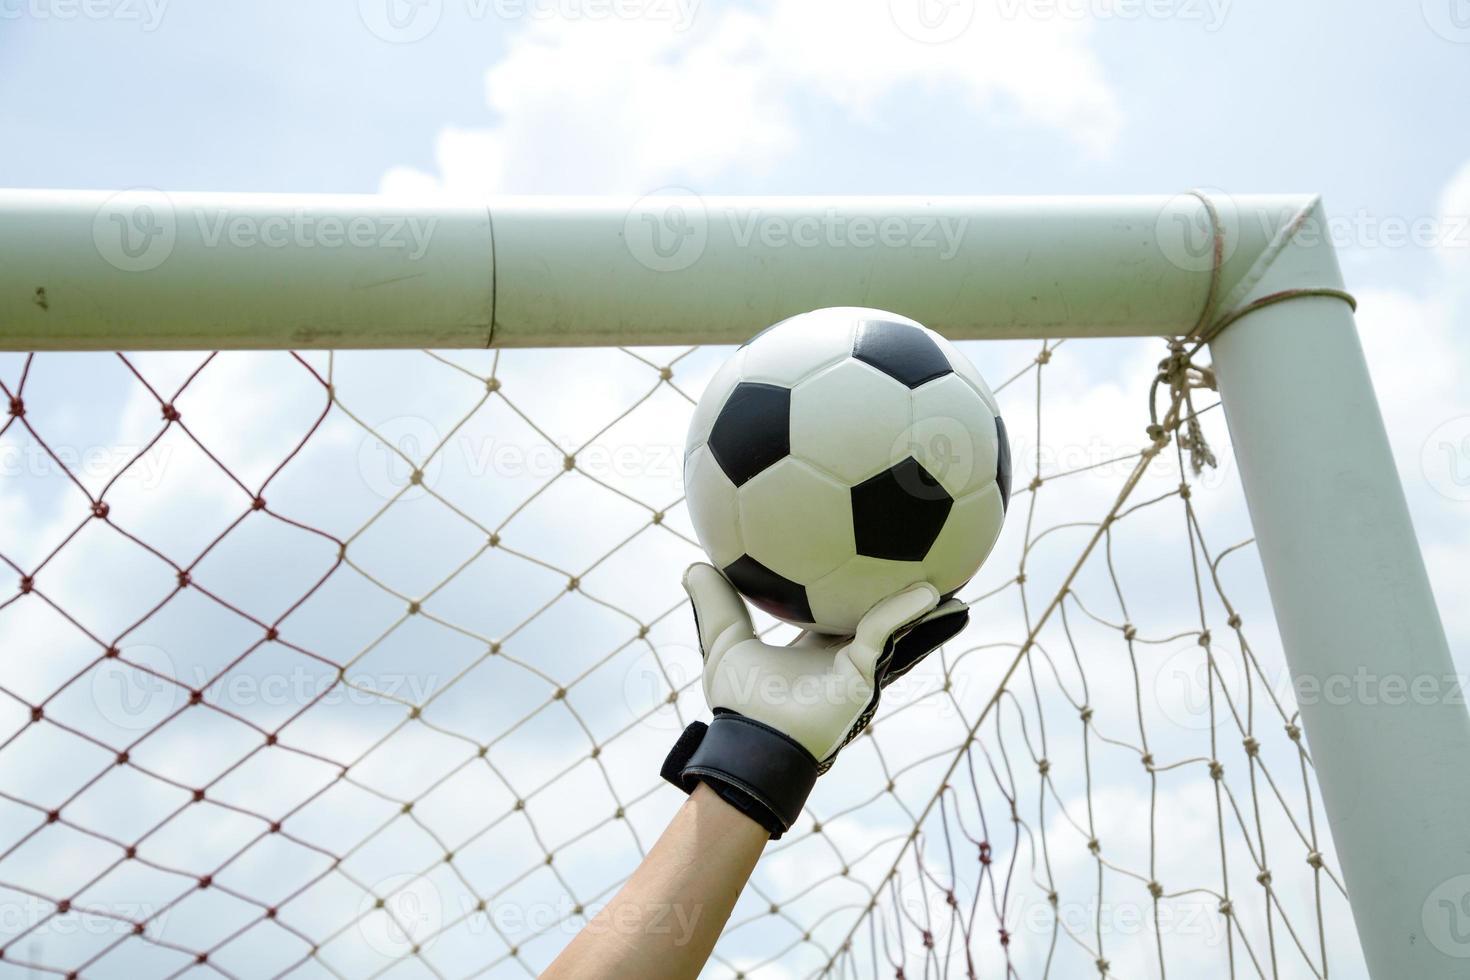 Der Torhüter fing den Ball mit den Händen foto